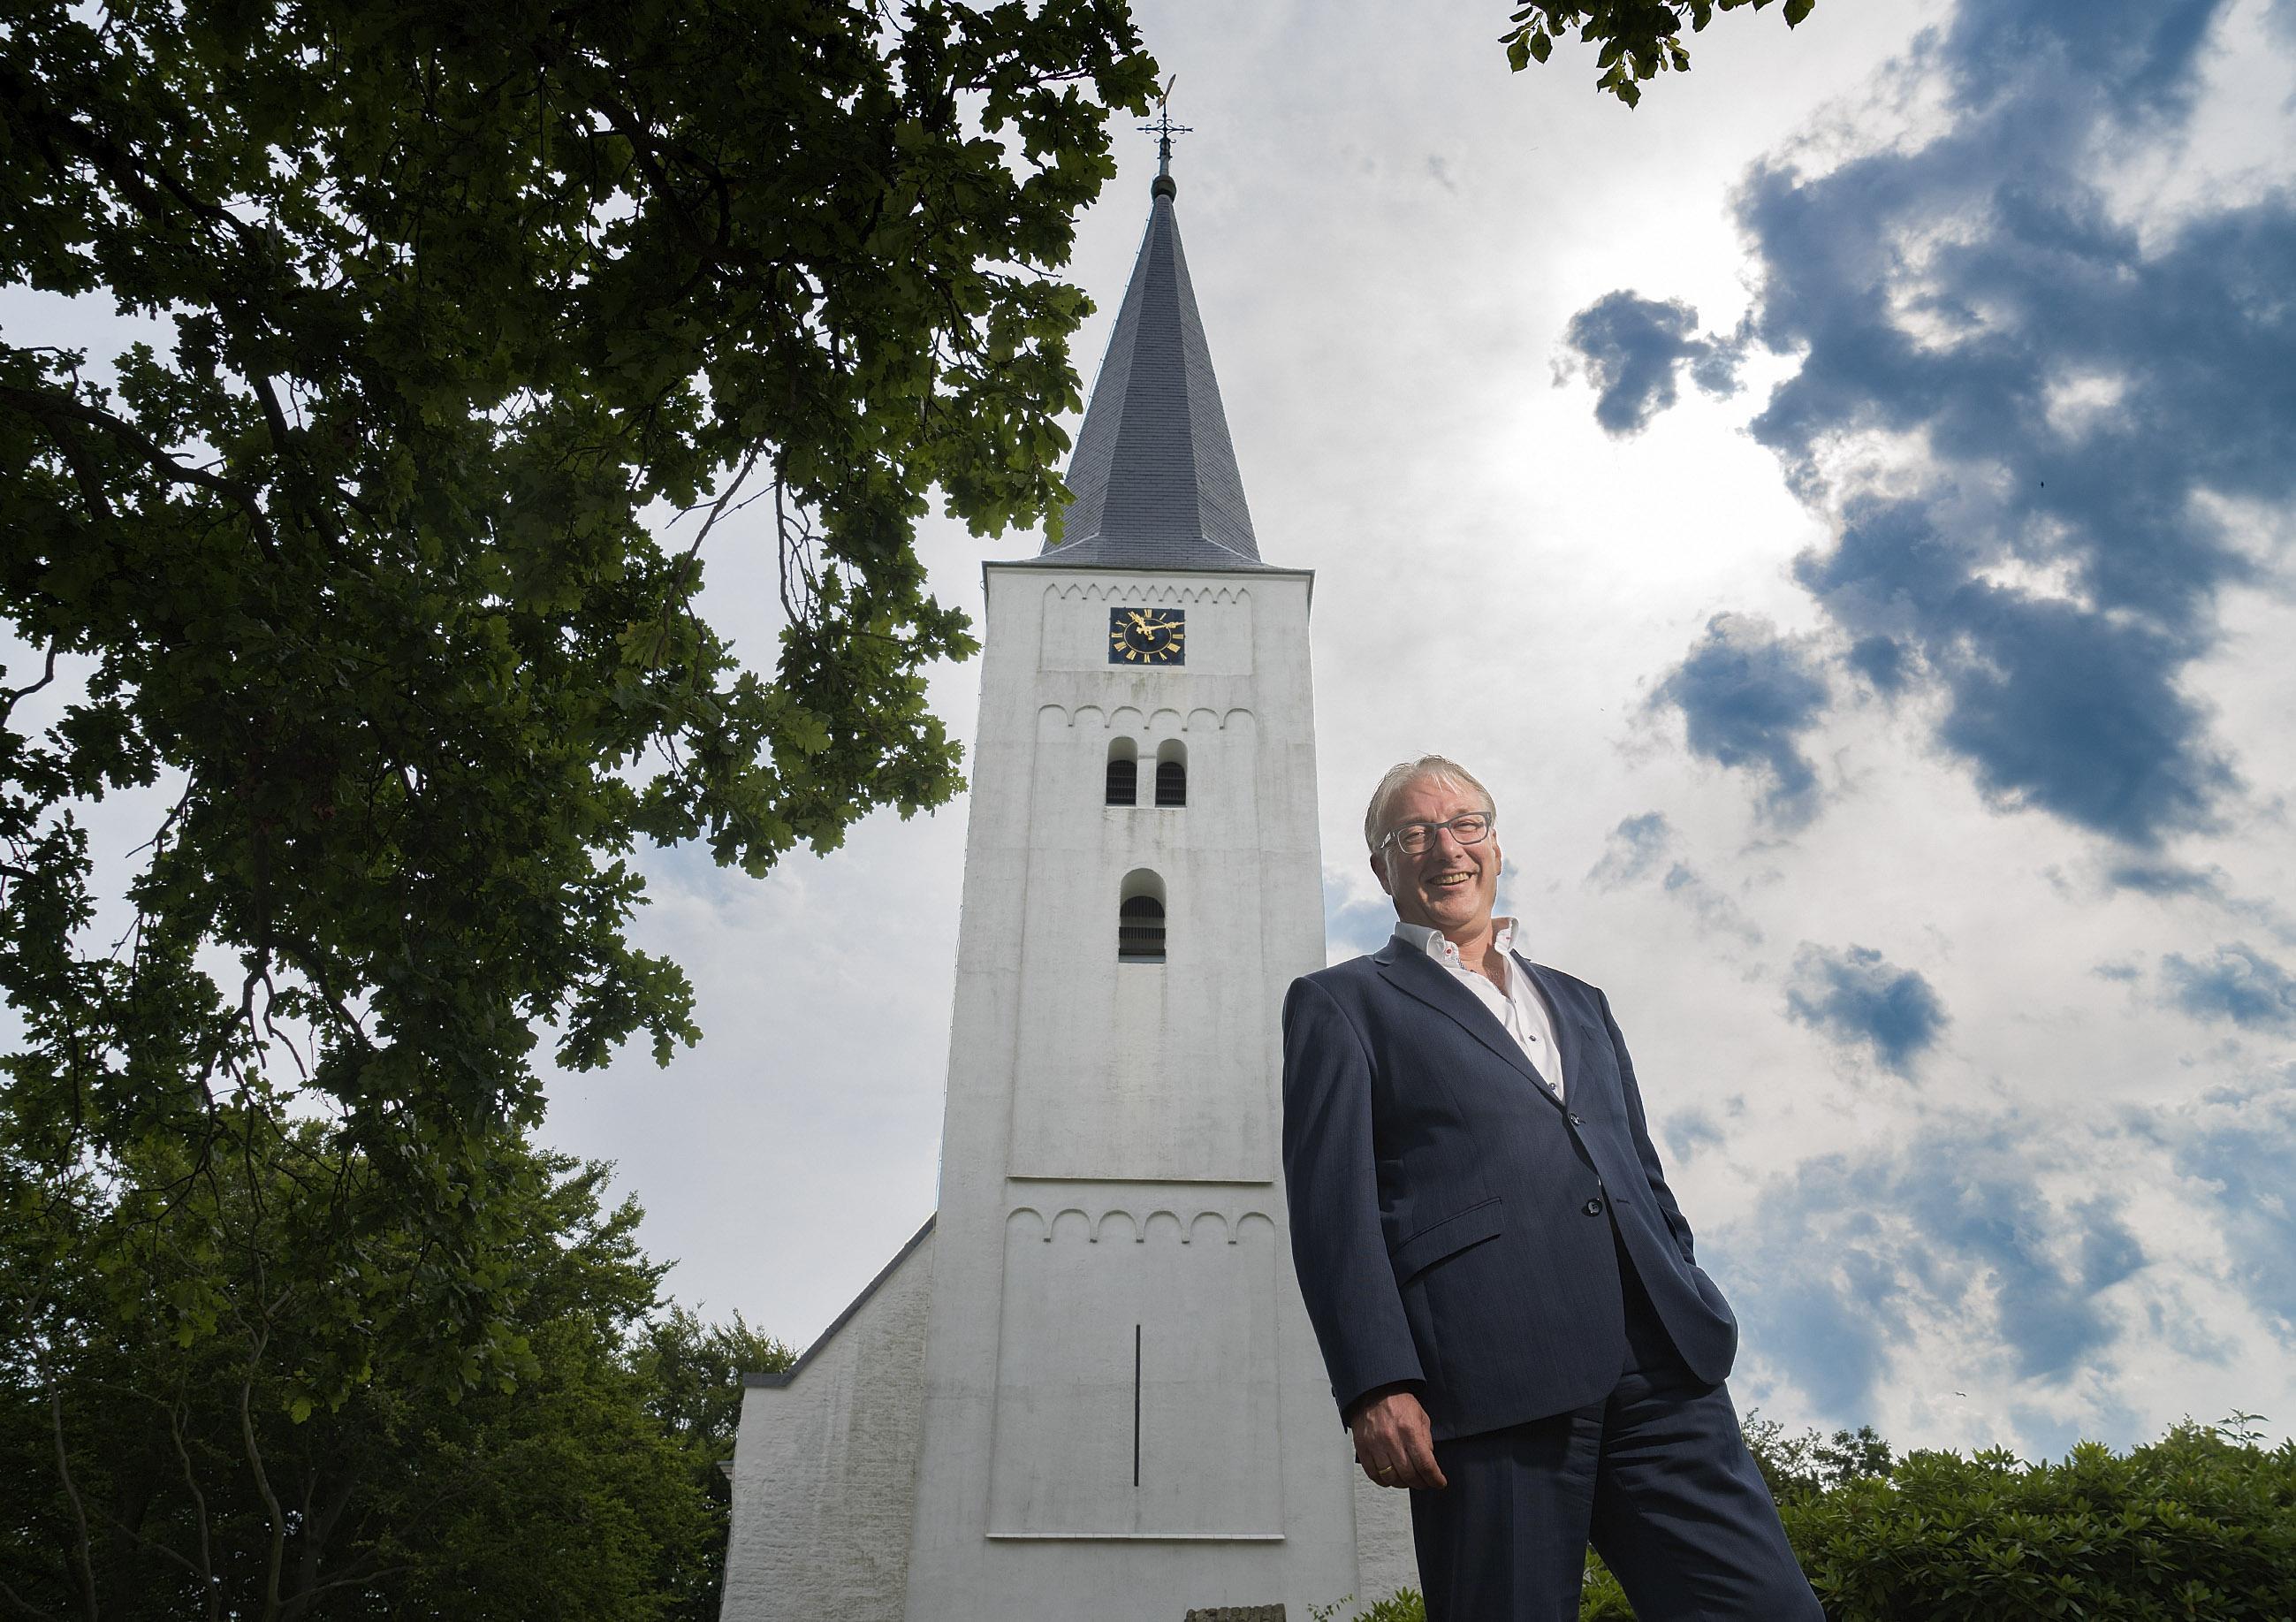 Hans Romeyn zat in hetzelfde burgemeestersklasje als Piet Bruinooge. 'Een goede buurman en vriend'